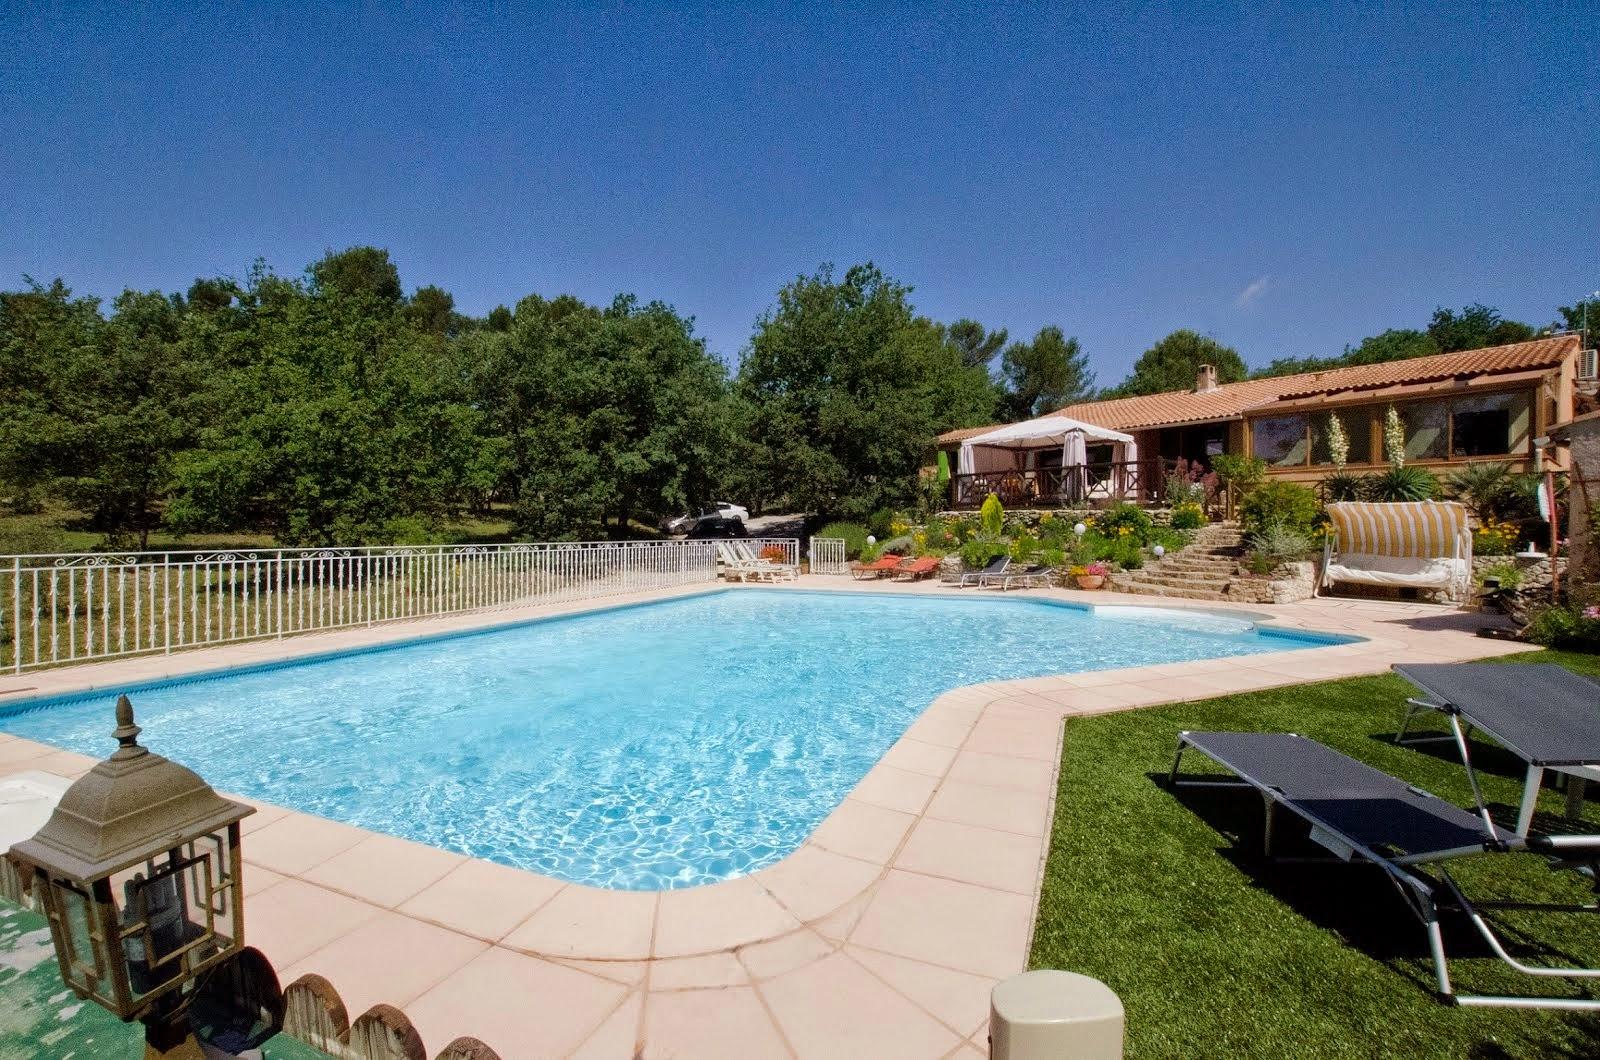 Maison d'hôtes, Guest house Aix en Provence, Cassis